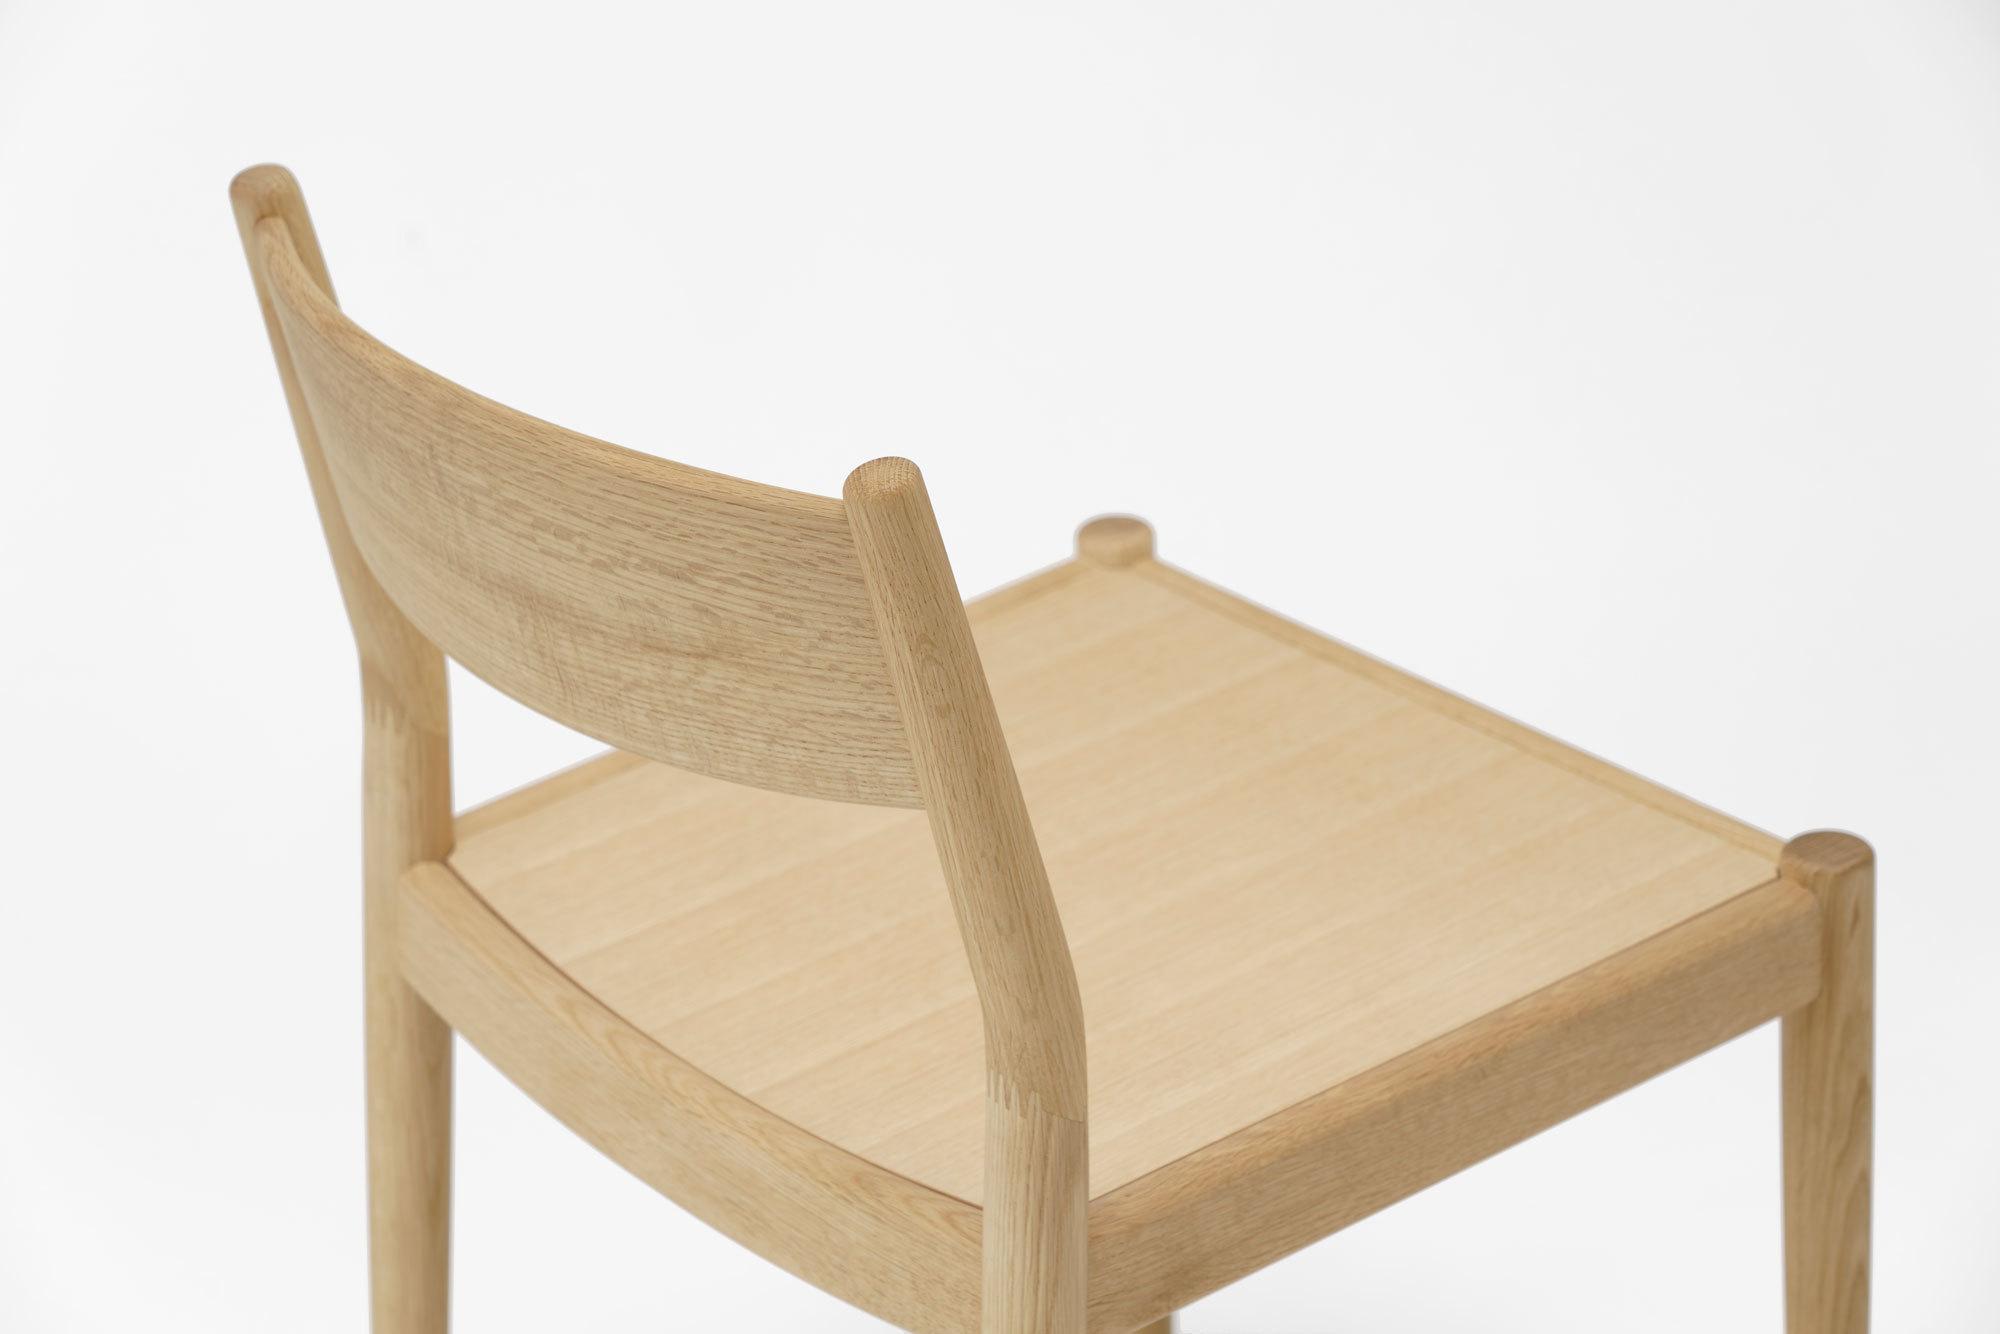 Sinnlichkeit und Reduktion: Holzstuhl N-DC03 von Norm Architects für Karimoku Case Study. Foto: Karimoku